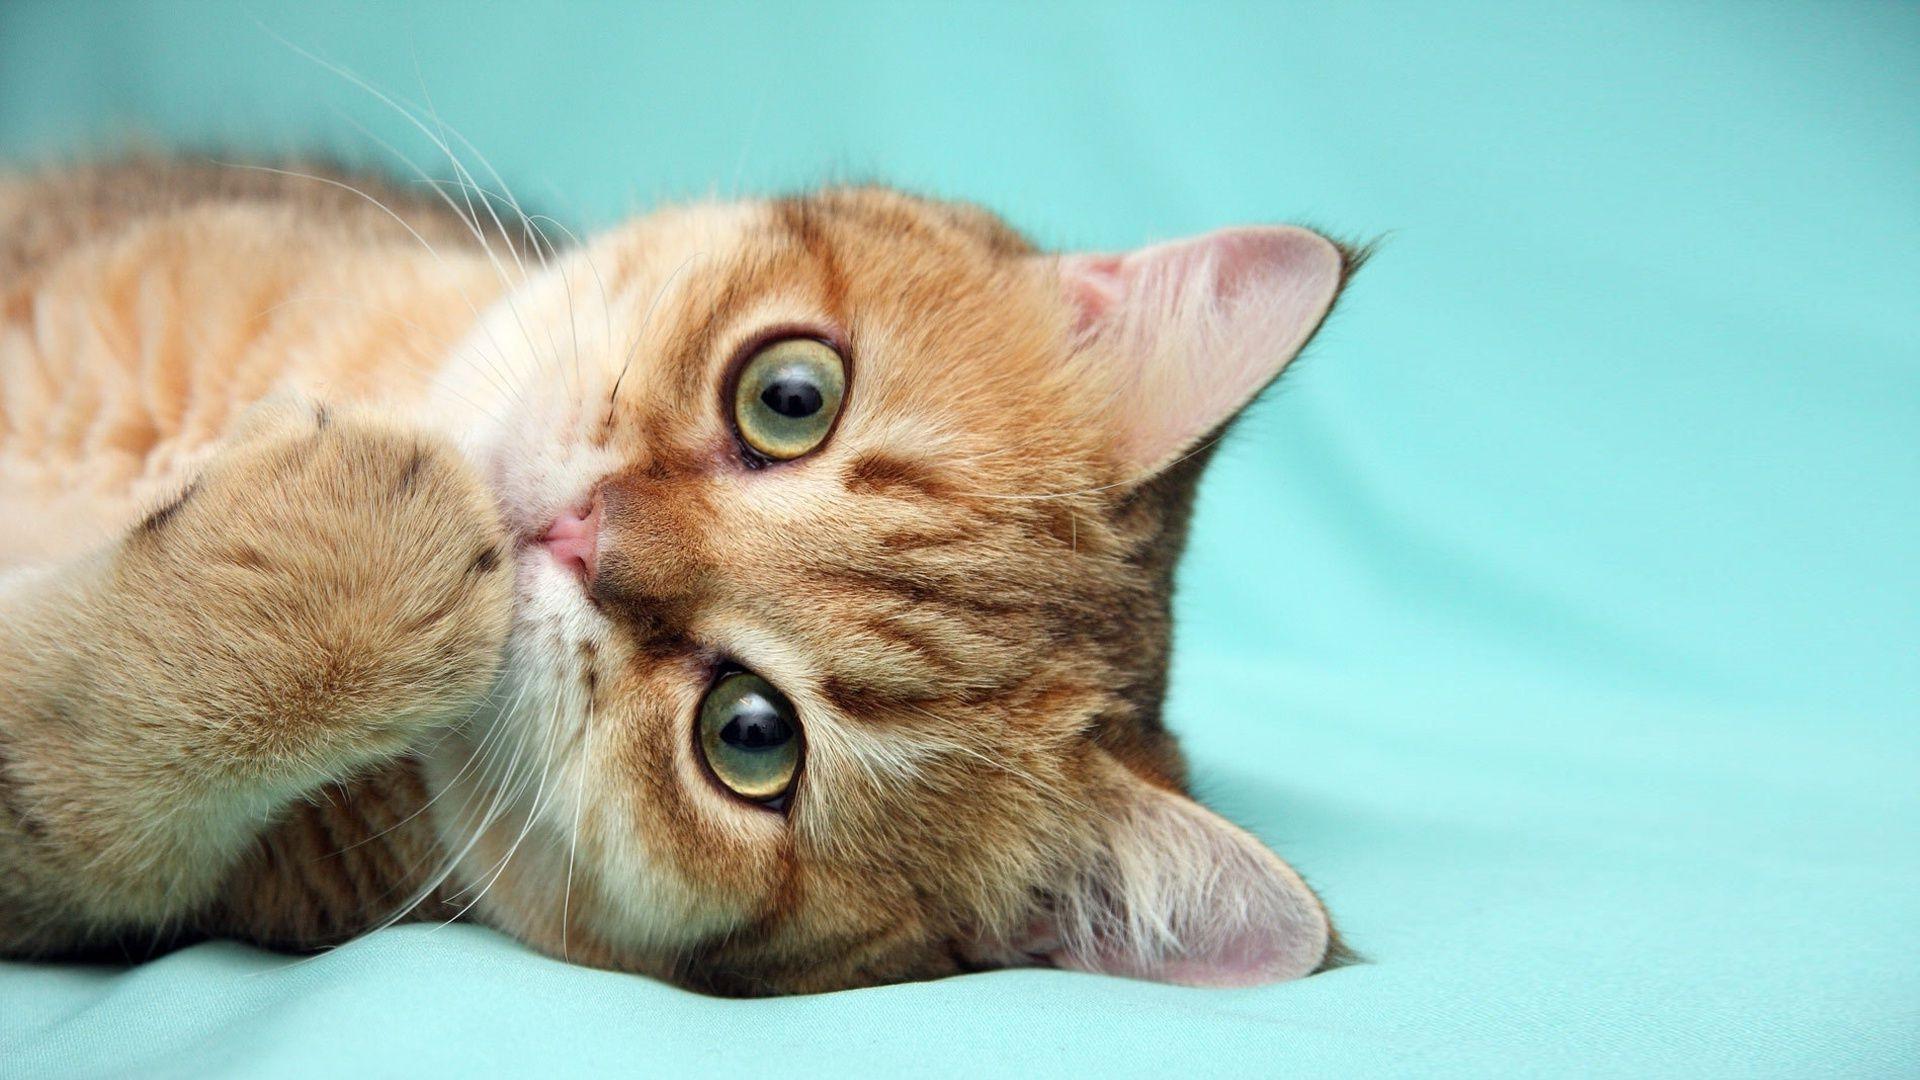 Красивые картинки с кошками на рабочий стол, где можно сделать